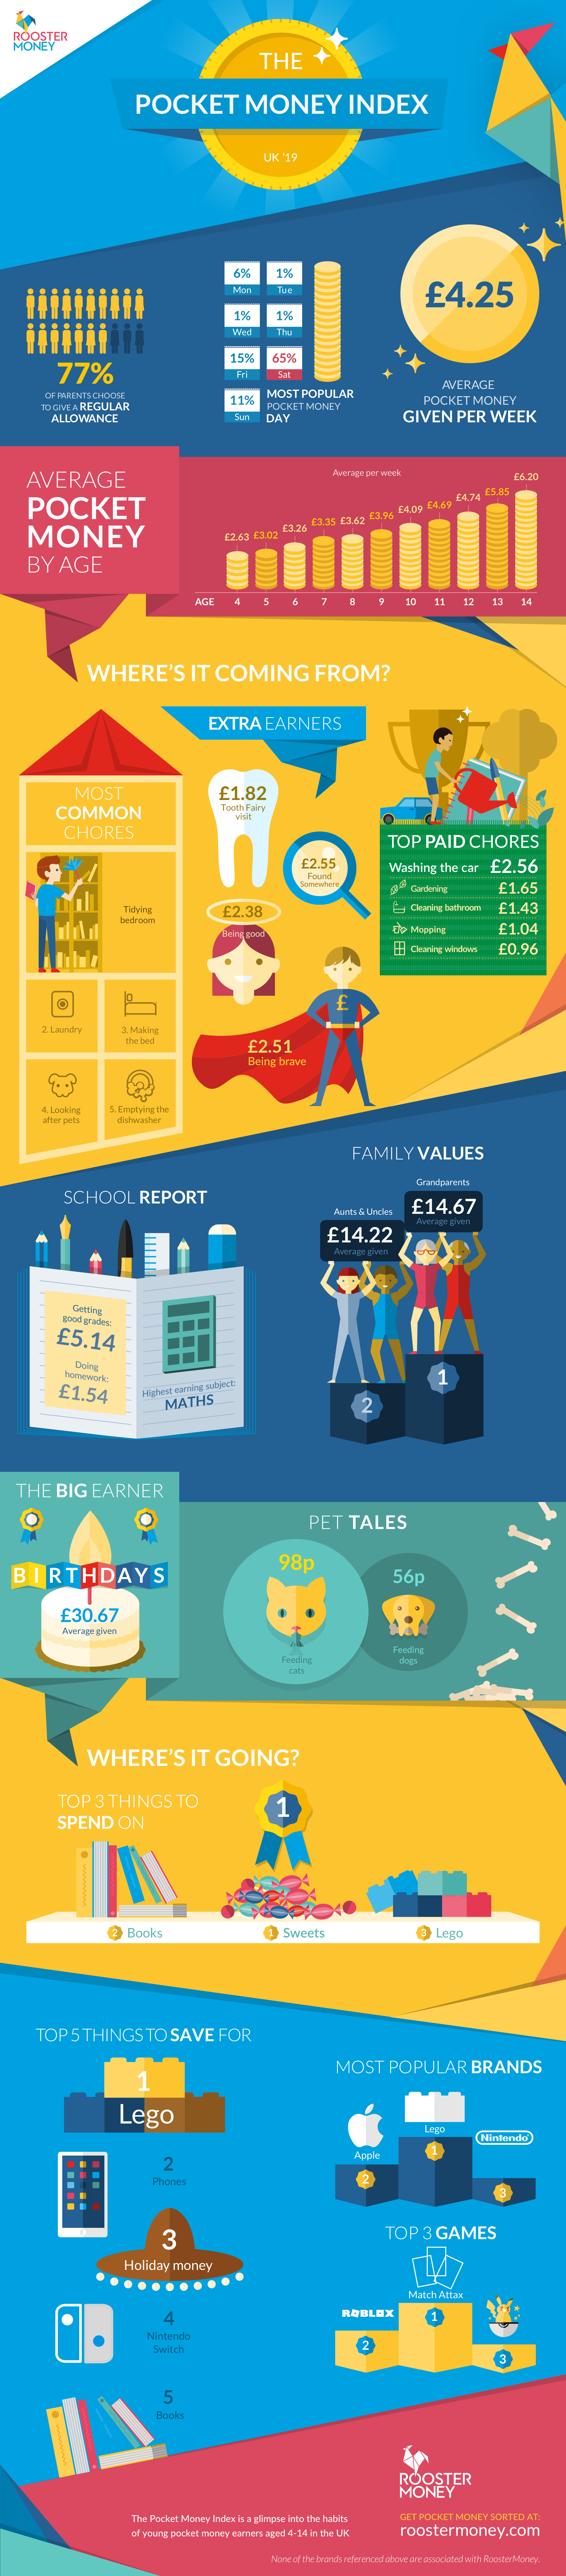 UK Pocket Money Index 2019